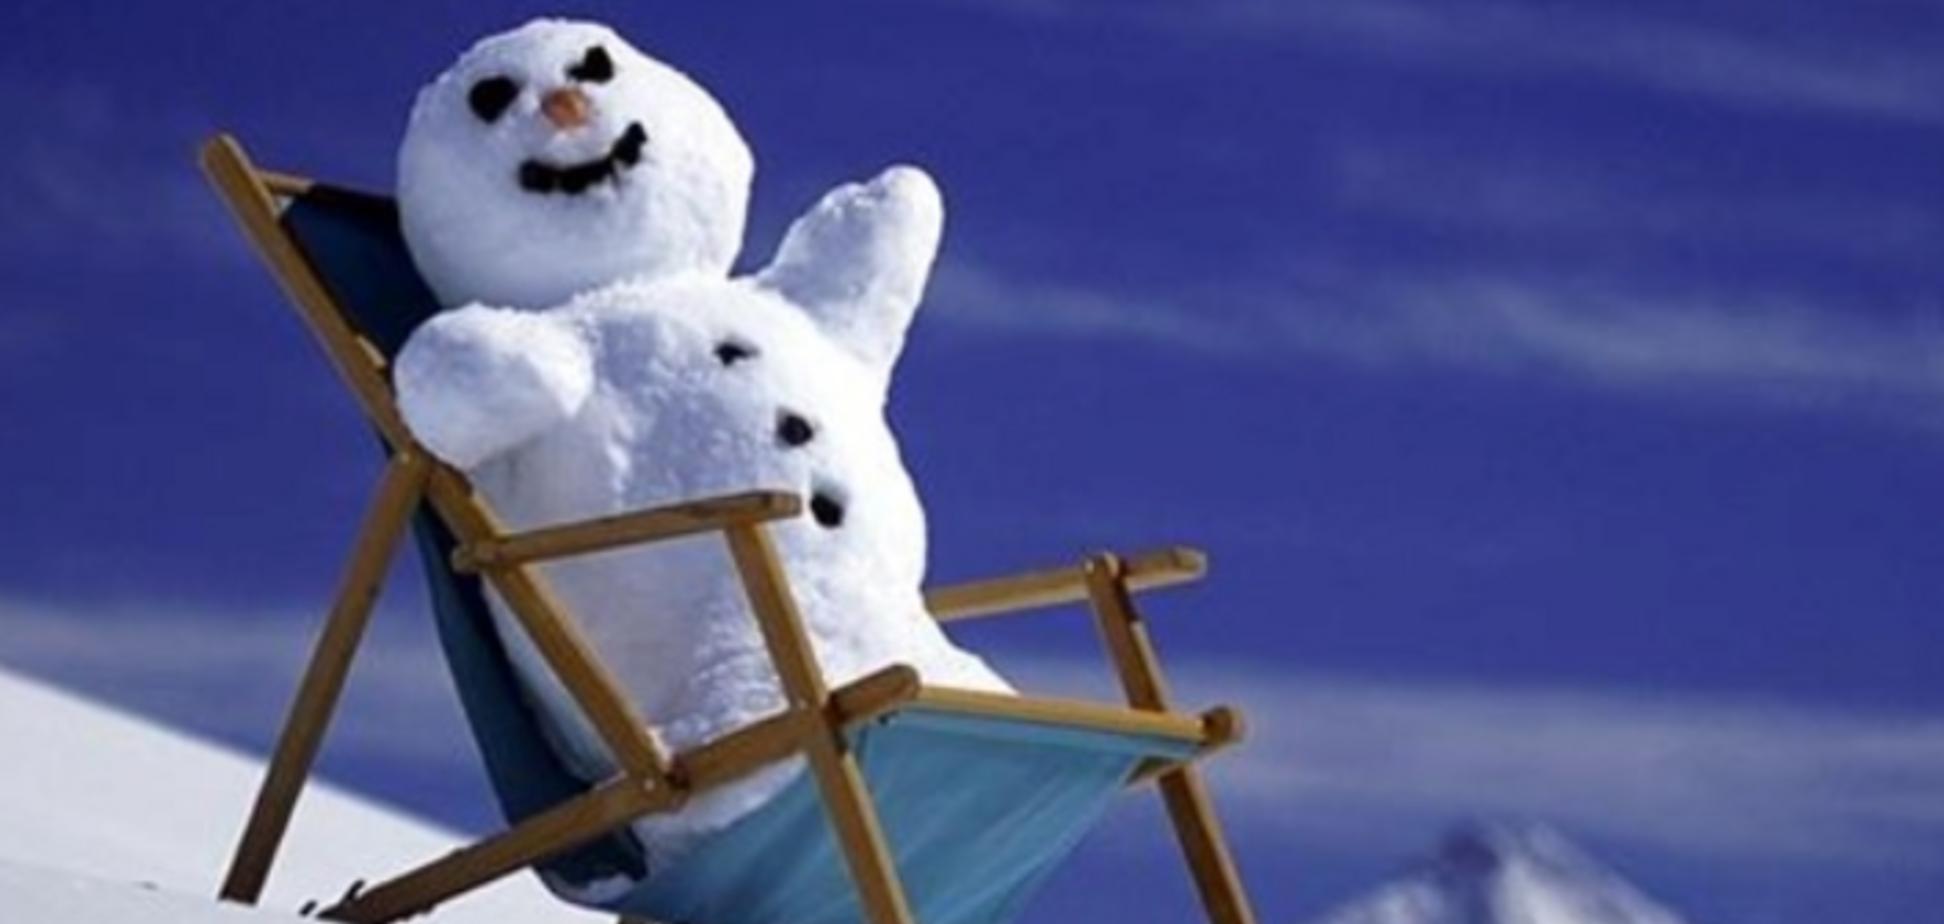 Погода в Україні: з'явився аномальний прогноз на лютий